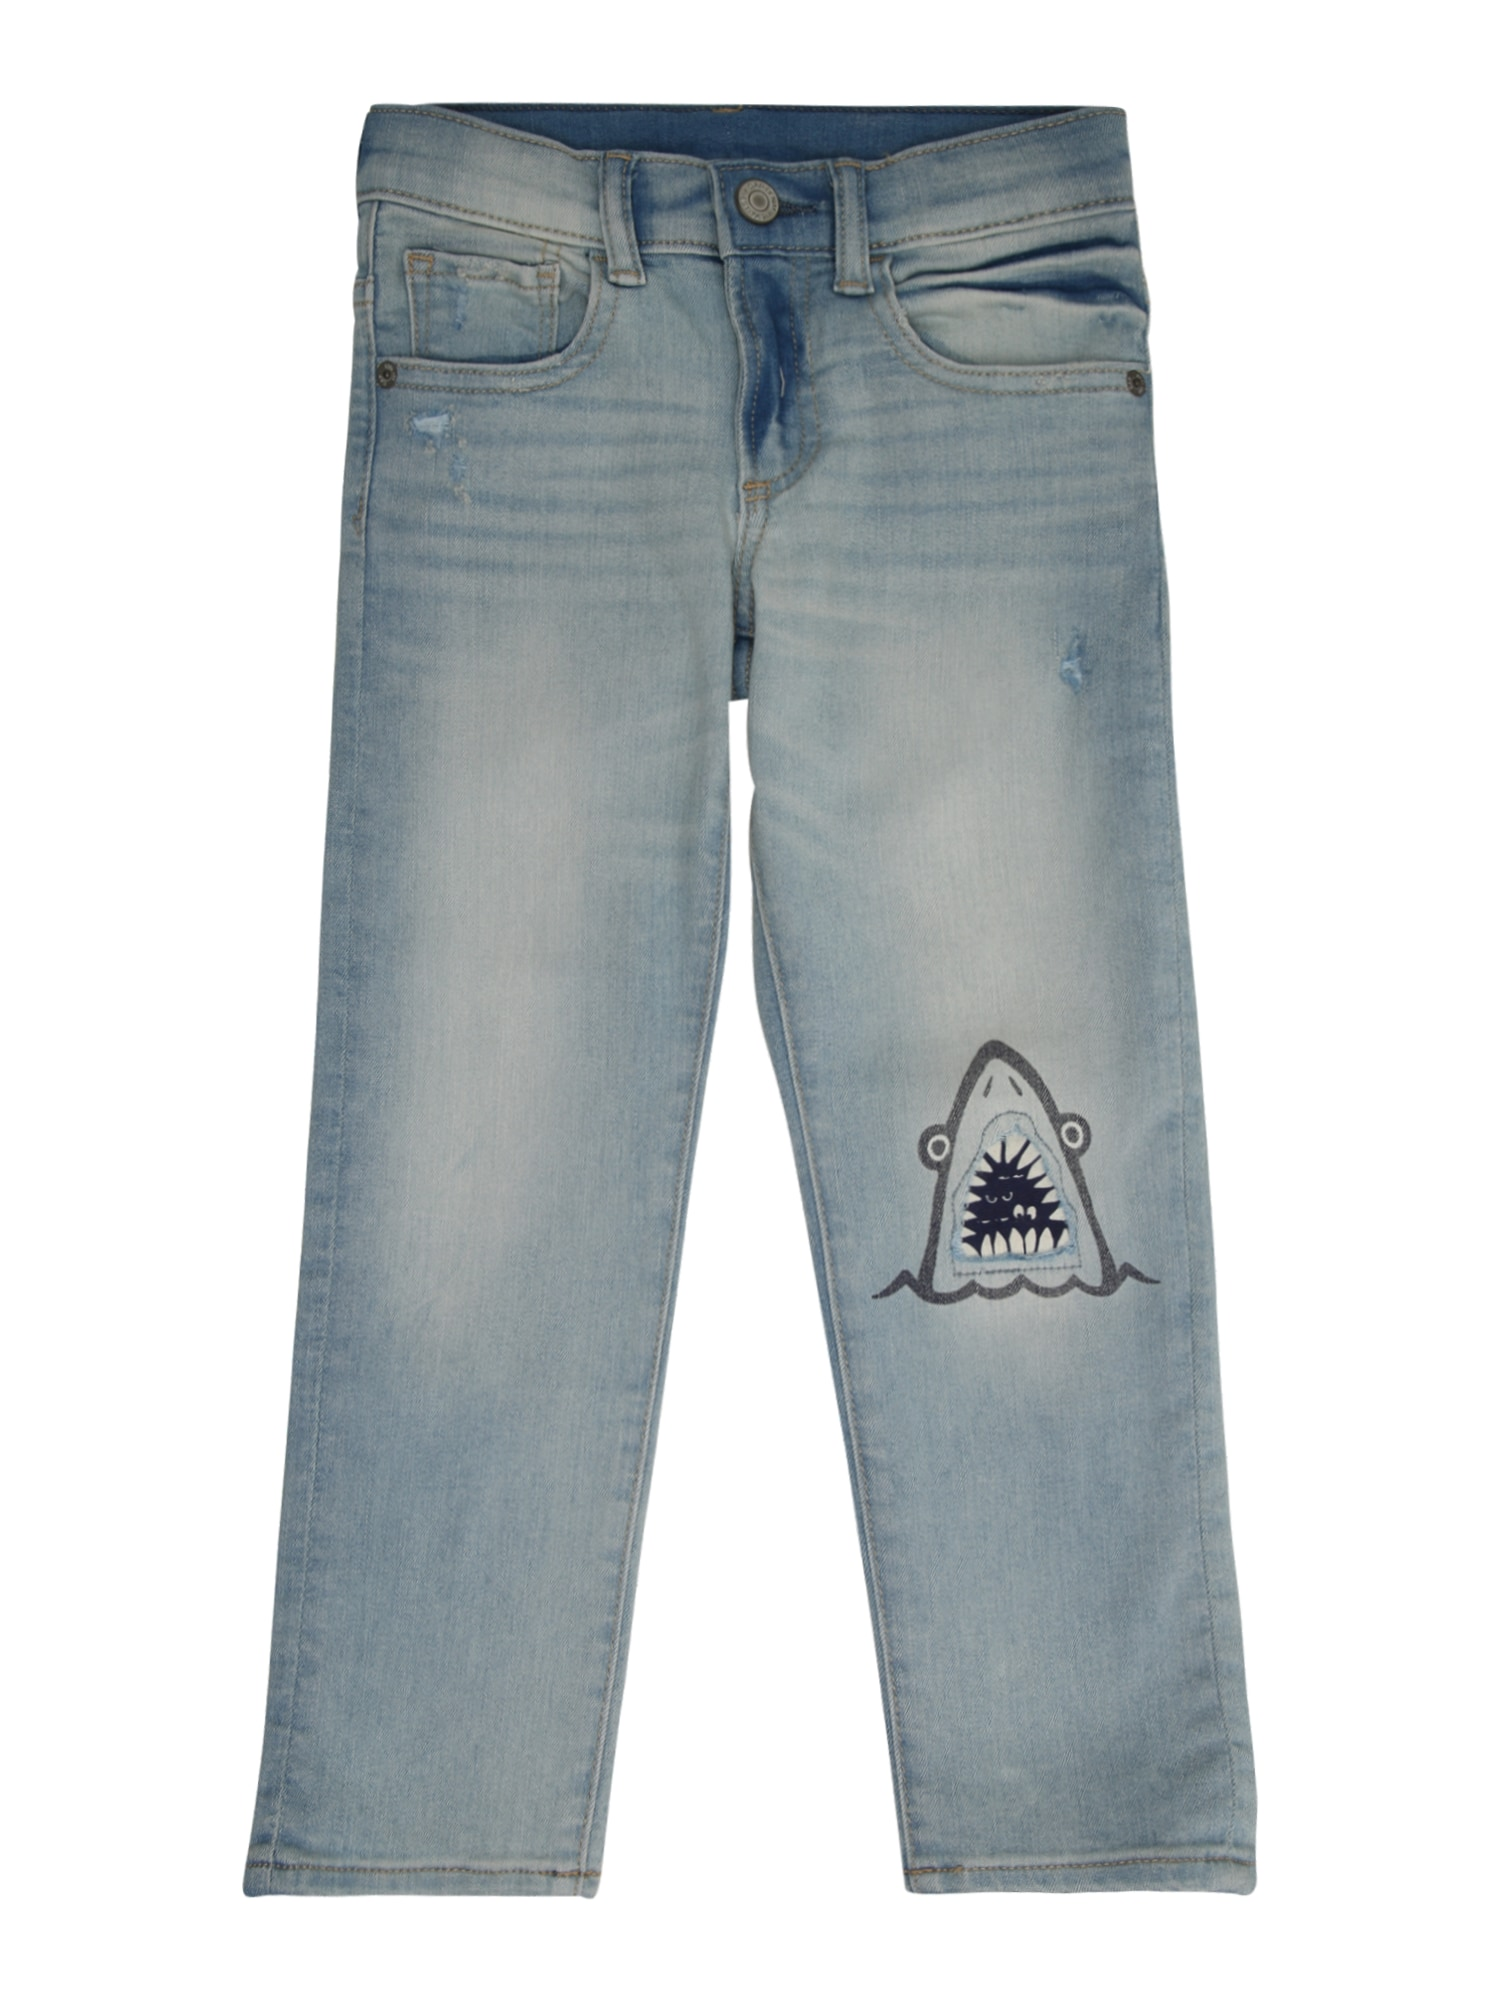 Džíny RR SHARK SLM modrá džínovina GAP